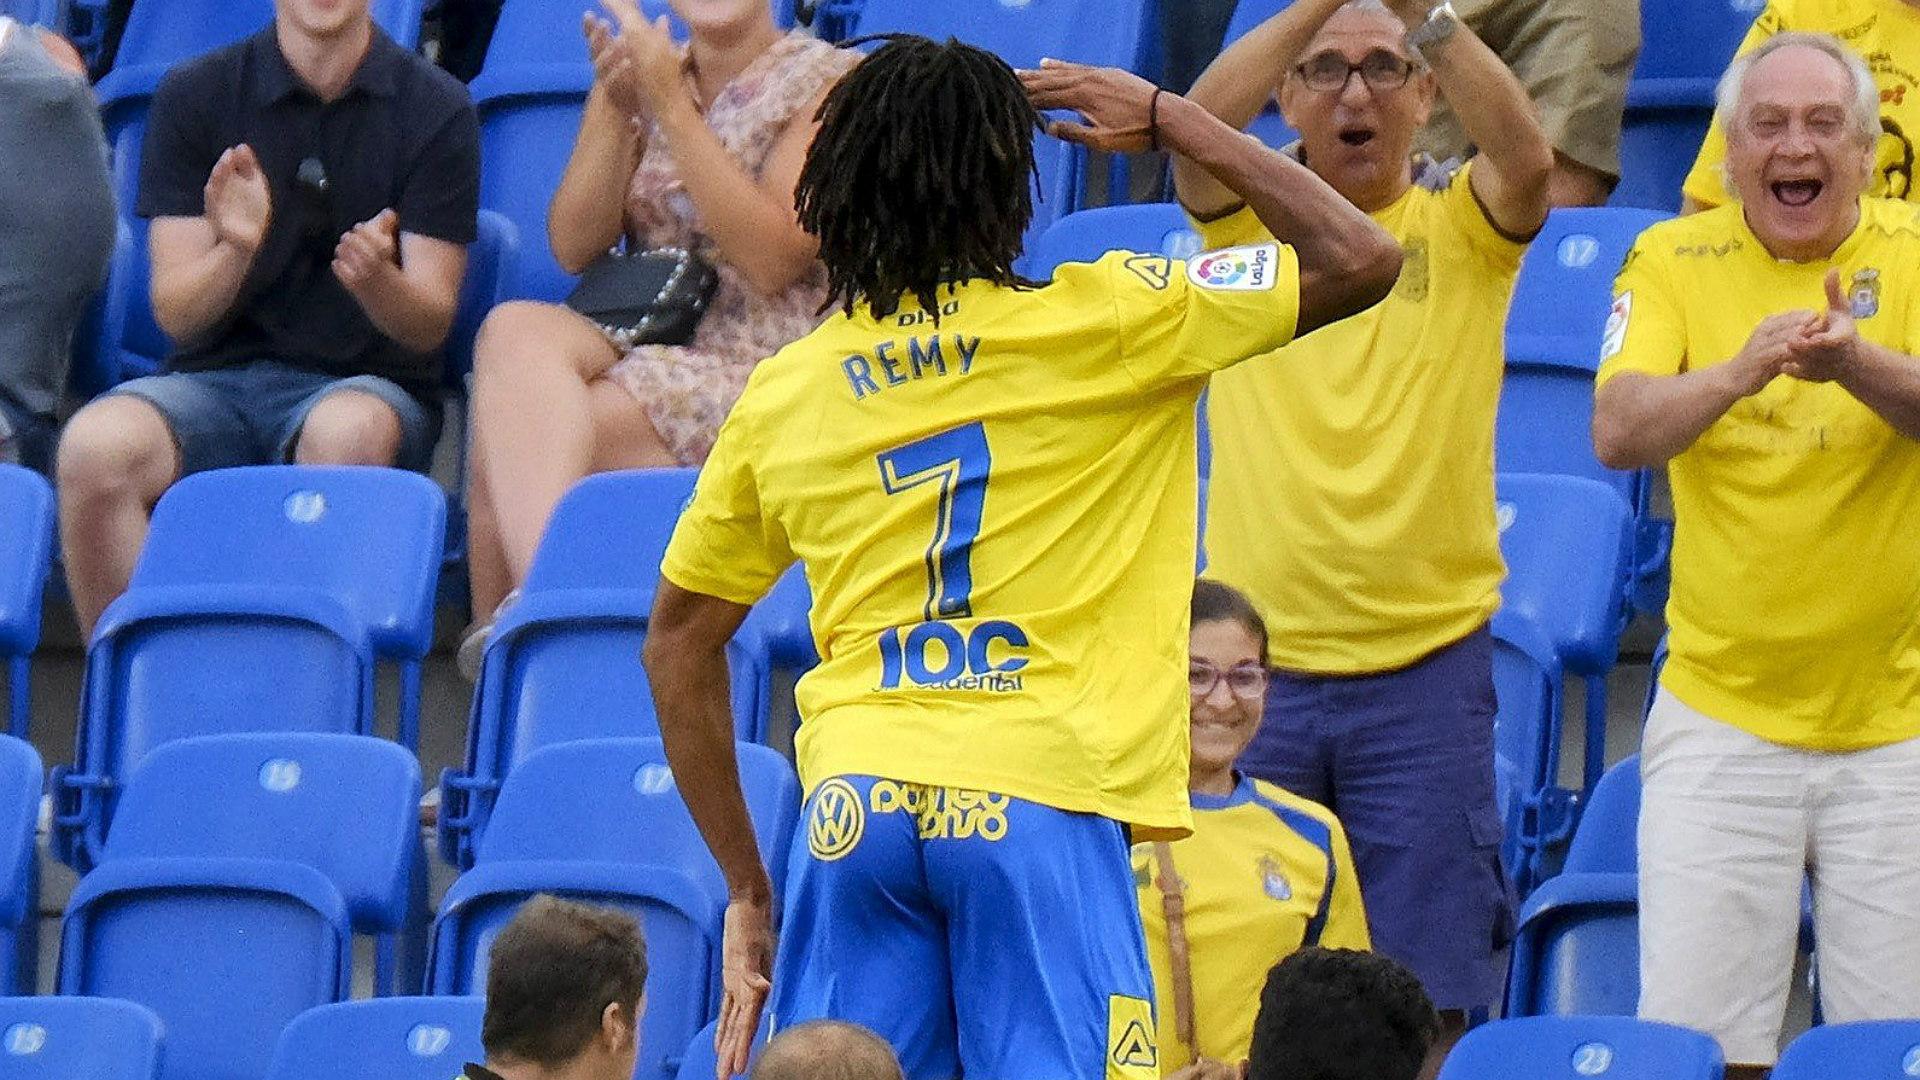 Remy Las Palmas